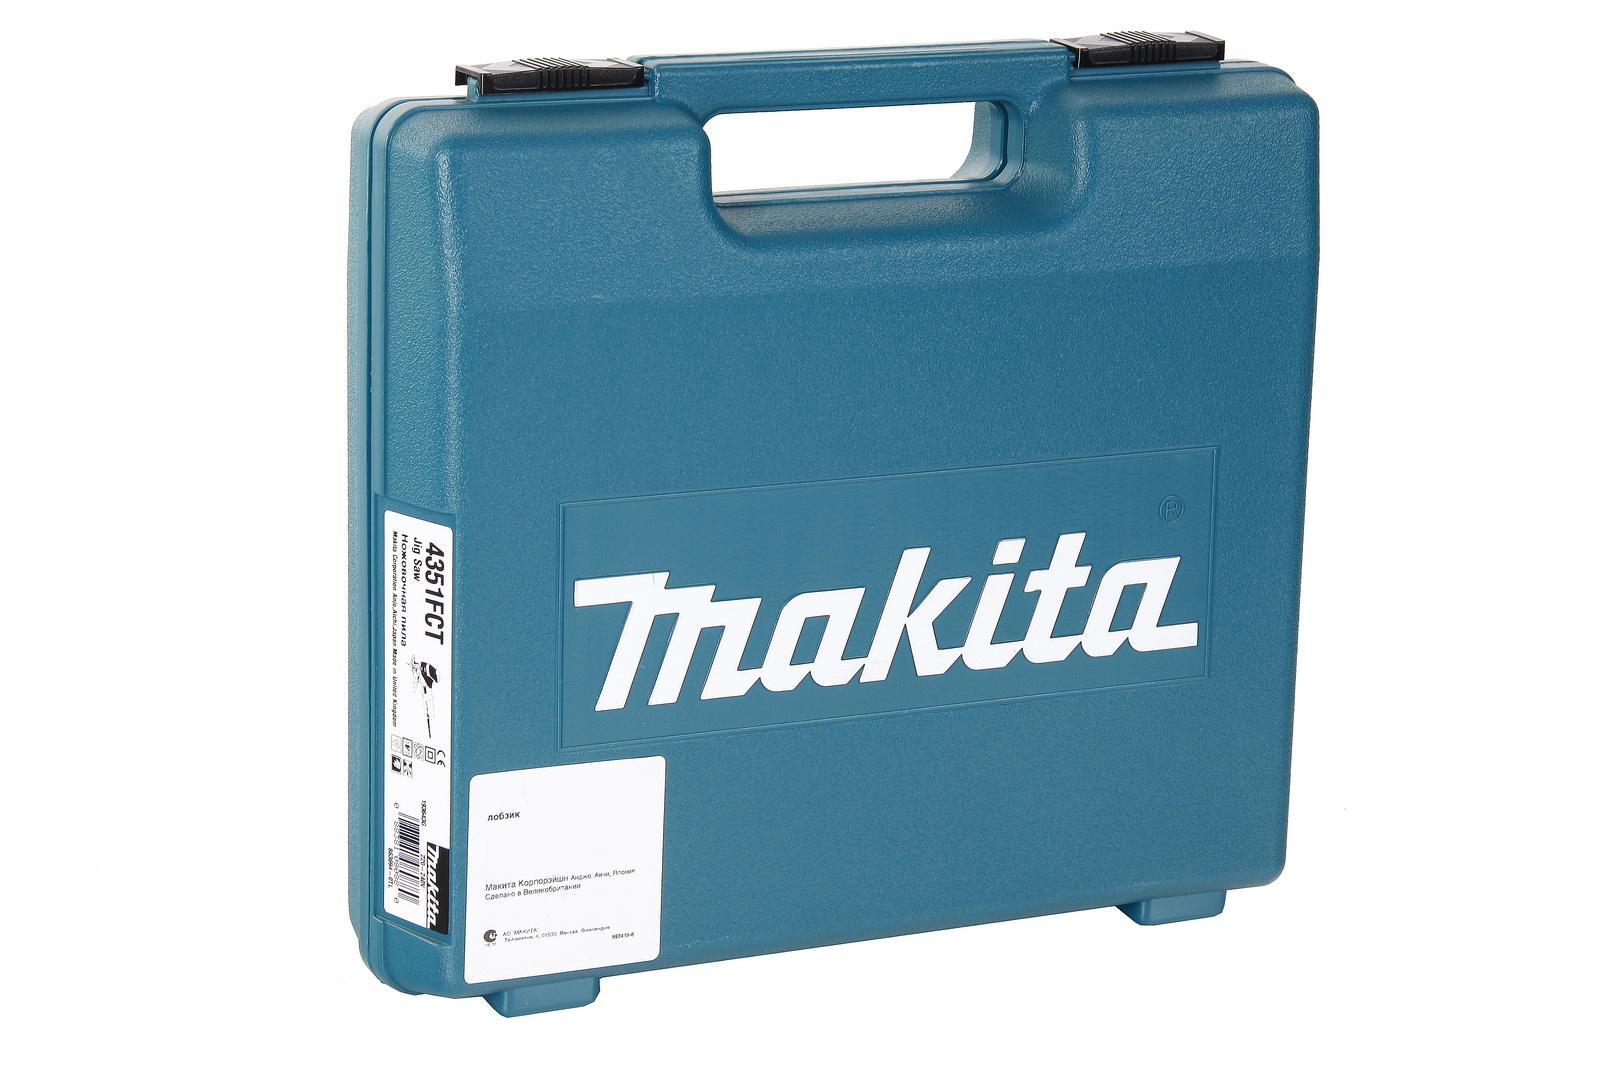 Лобзик Makita 4351fct